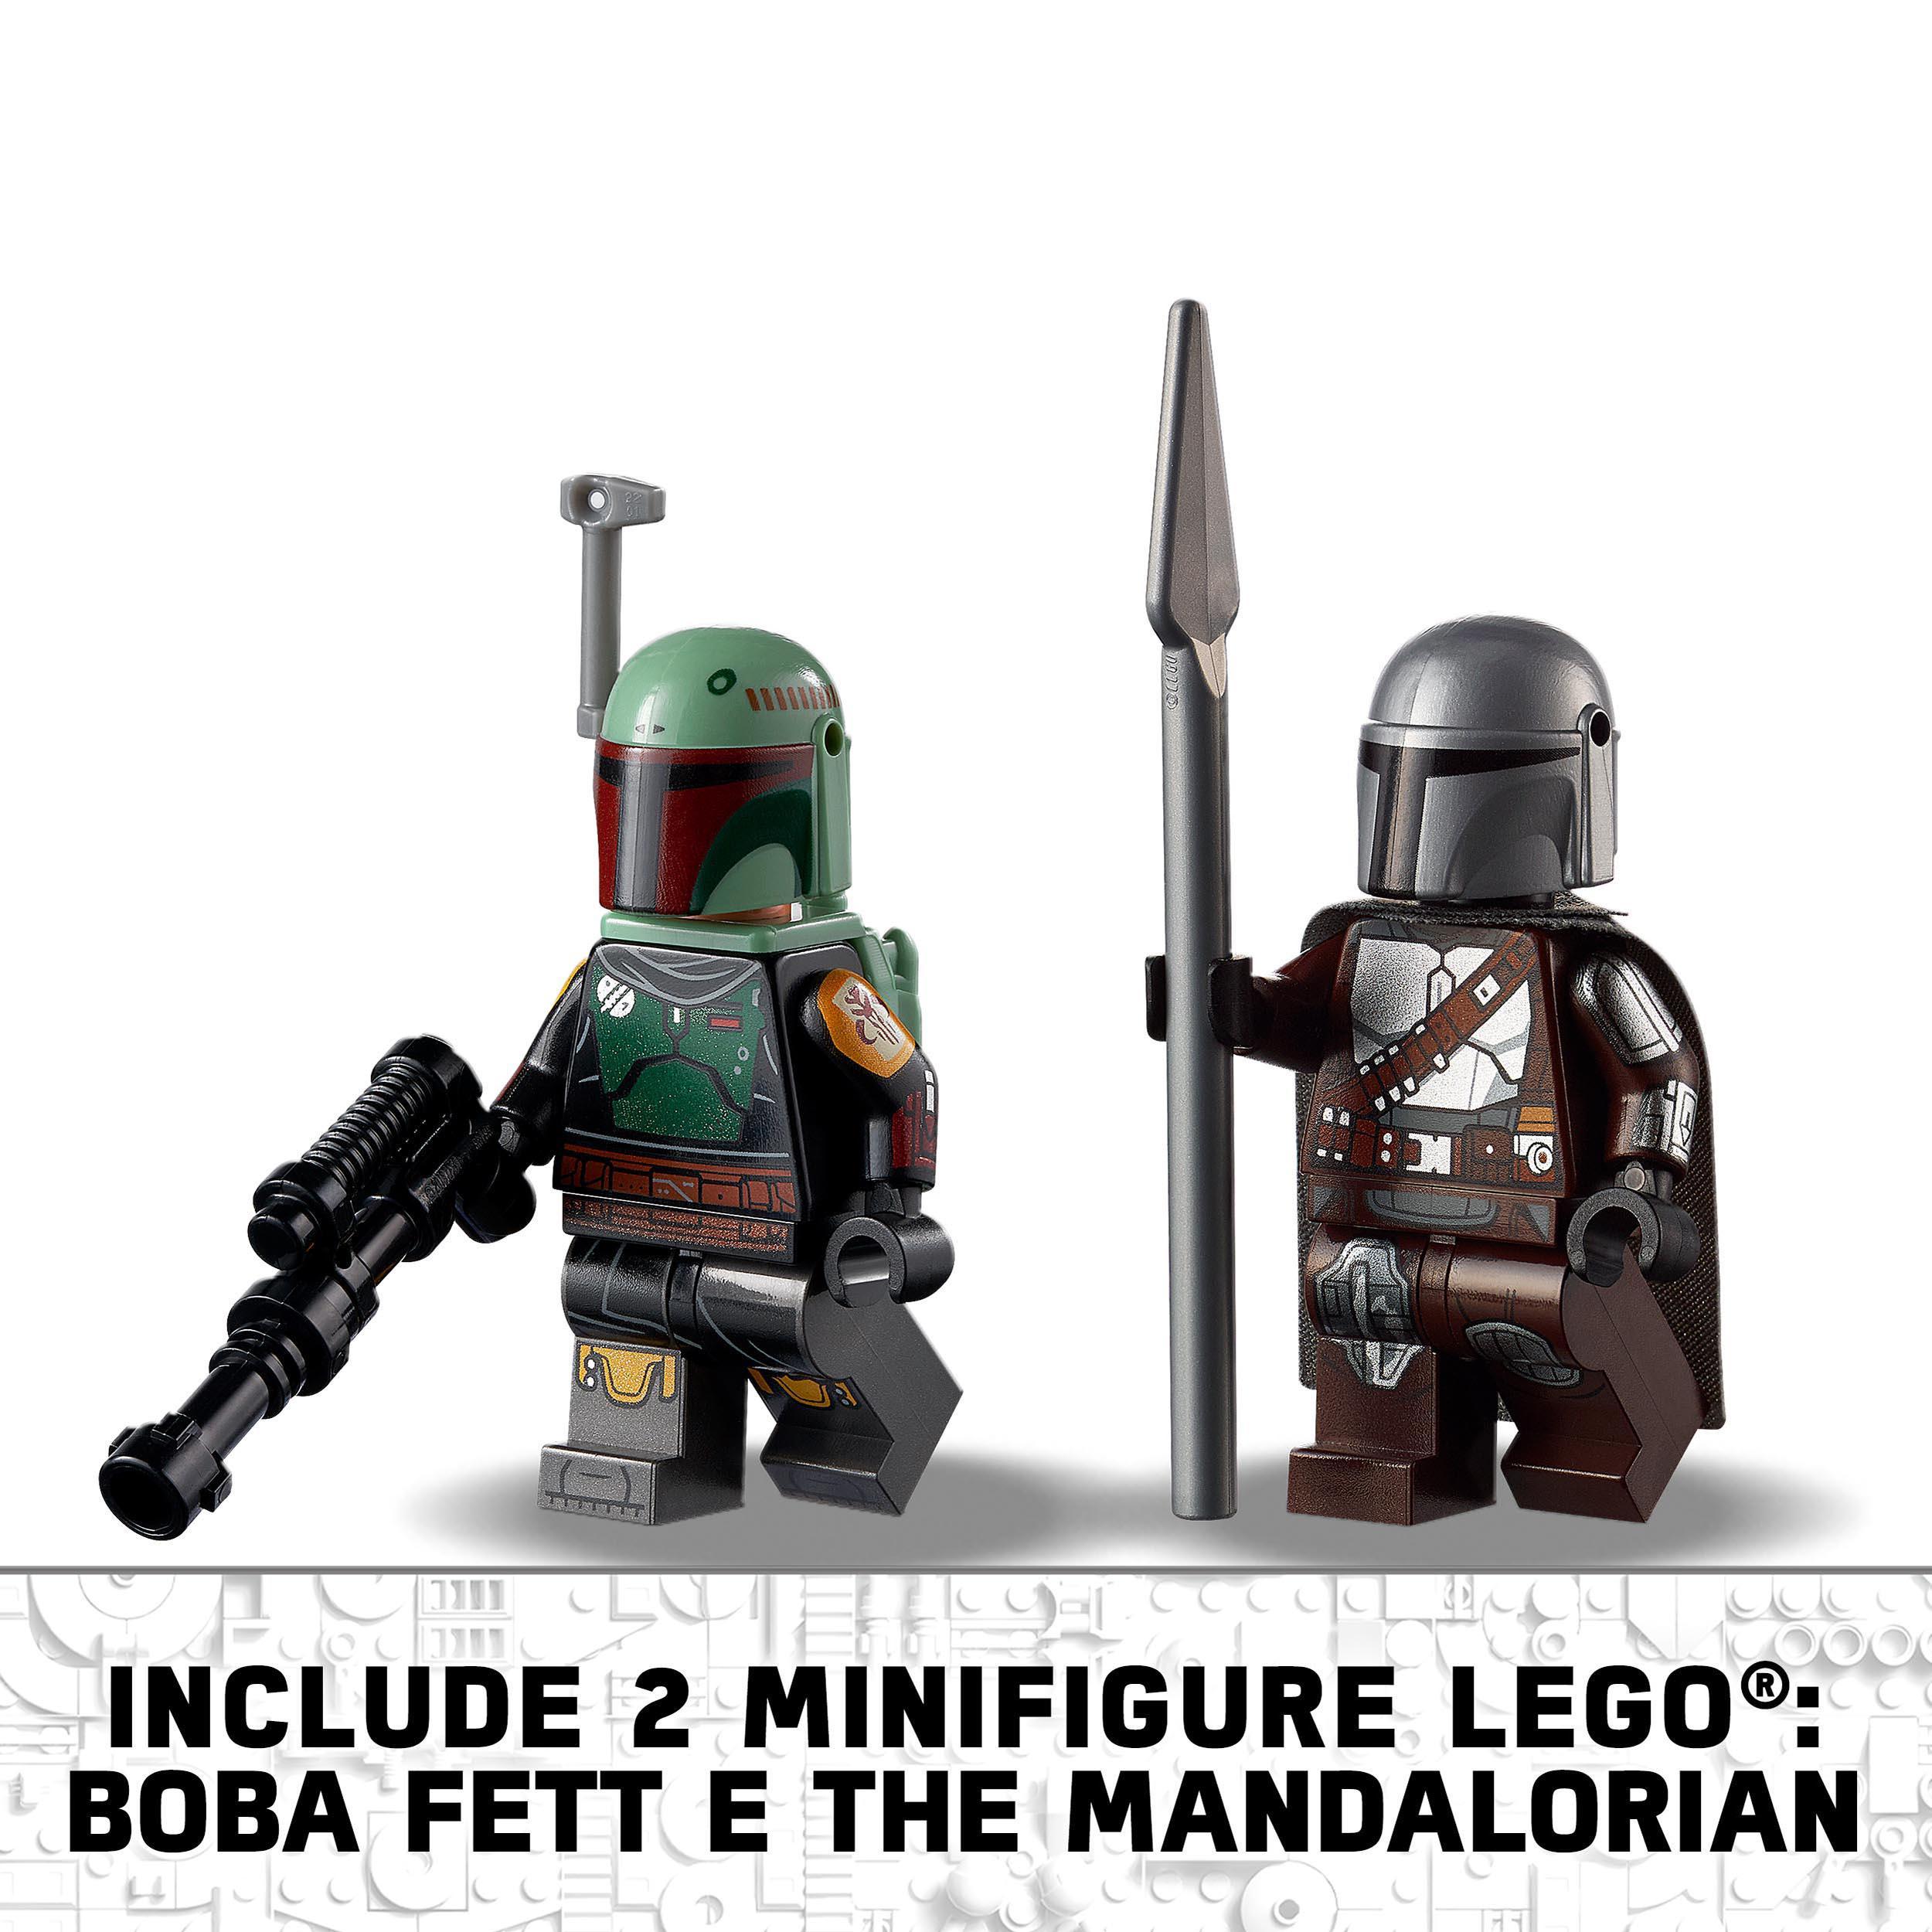 Lego star wars astronave di boba fett™, set da costruzione con 2 personaggi, giocattoli bambino 9 anni, idee regalo, 75312 - Lego